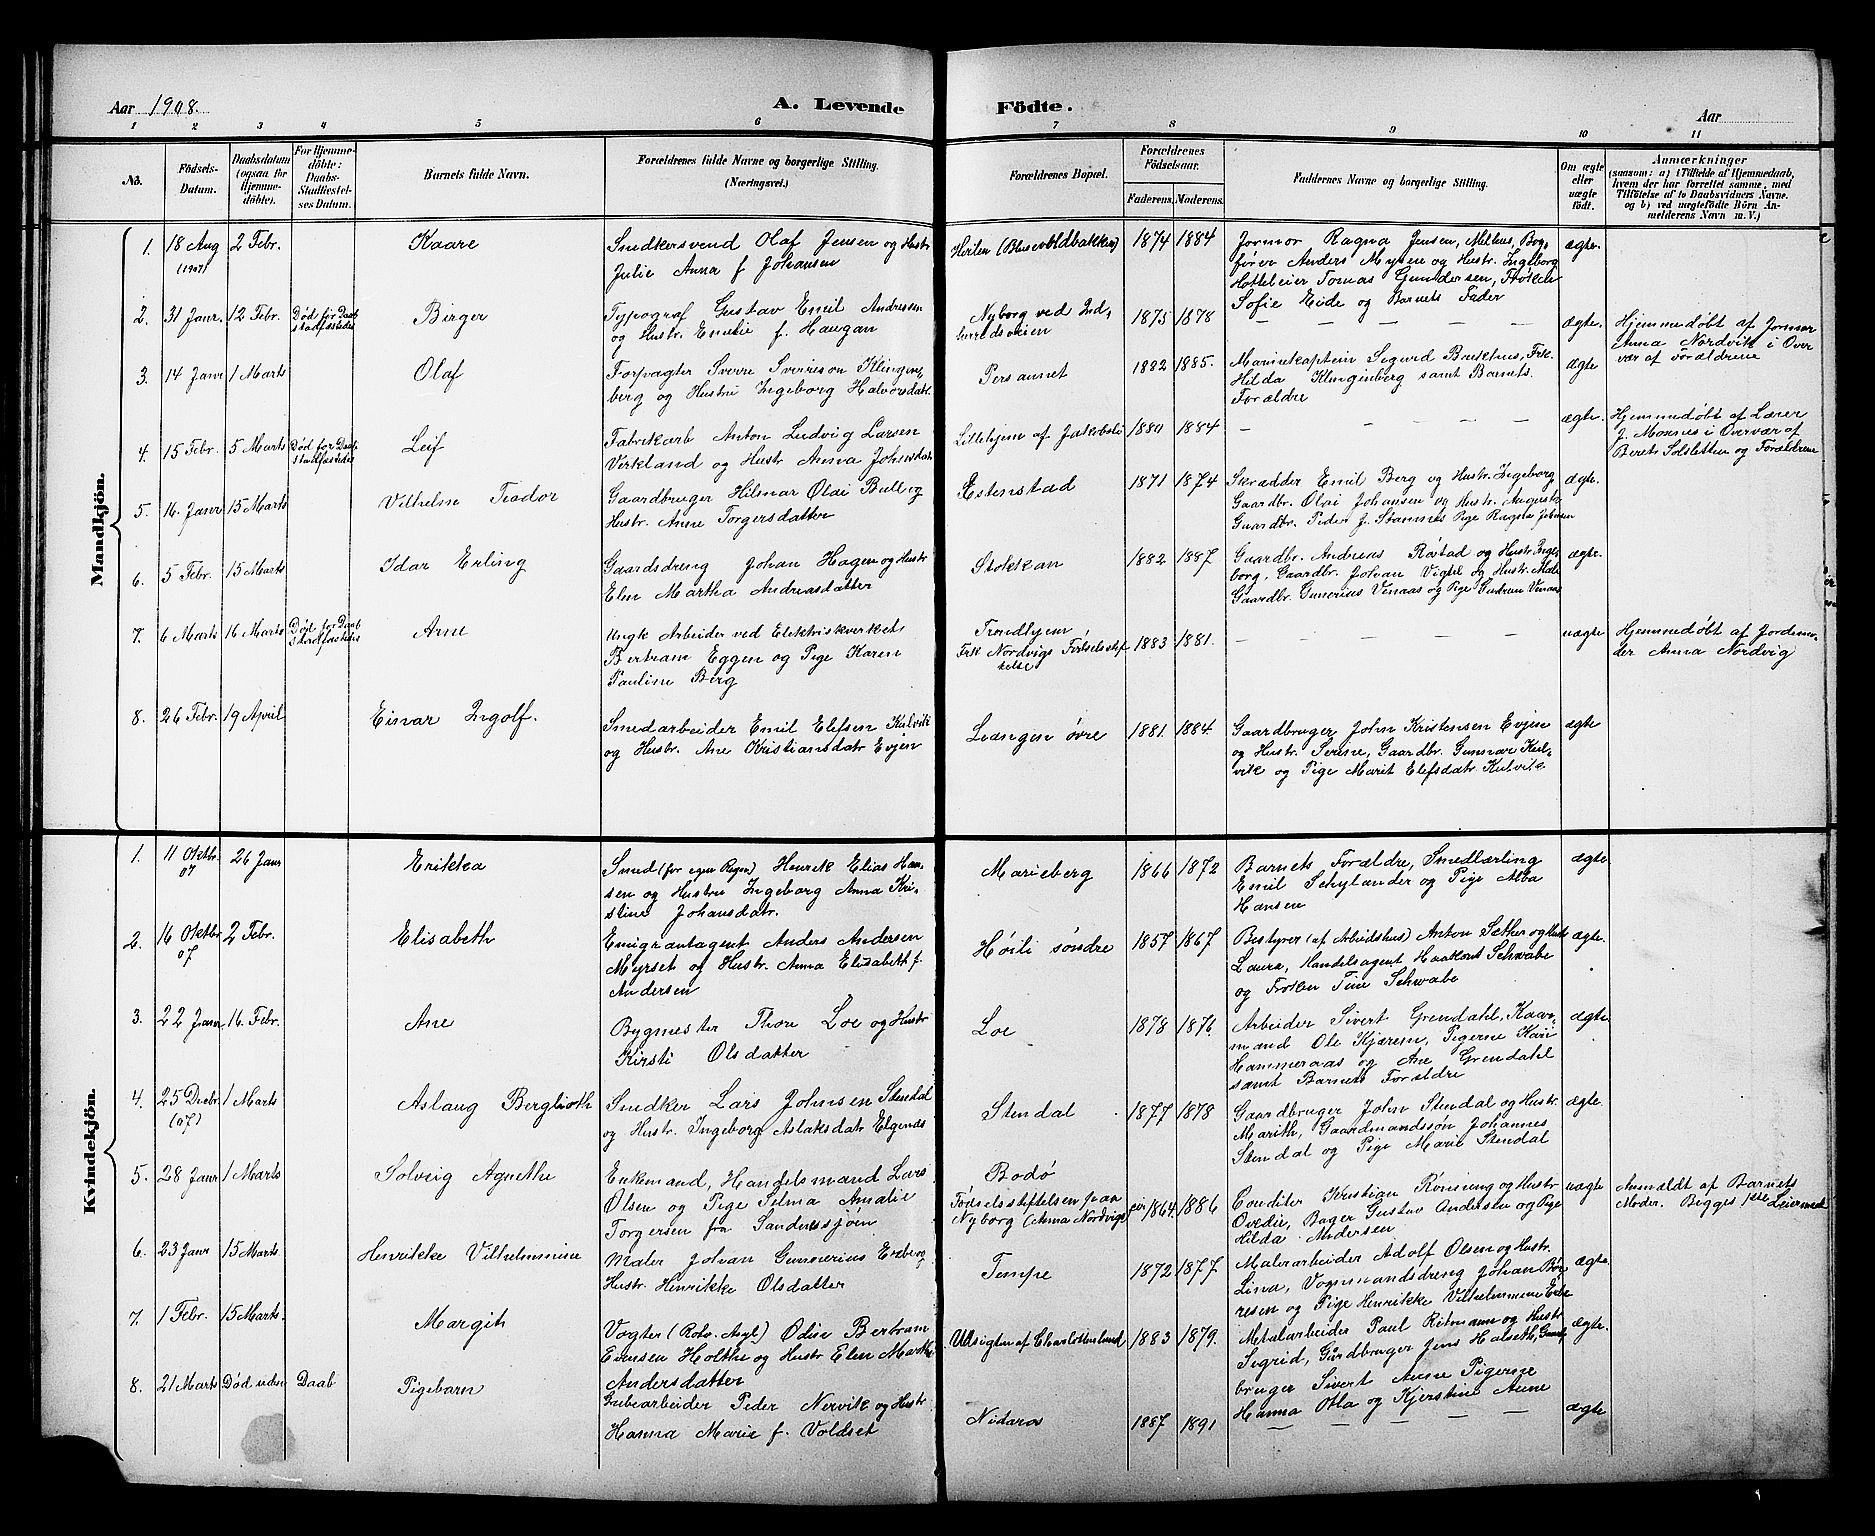 SAT, Ministerialprotokoller, klokkerbøker og fødselsregistre - Sør-Trøndelag, 606/L0313: Klokkerbok nr. 606C09, 1895-1910